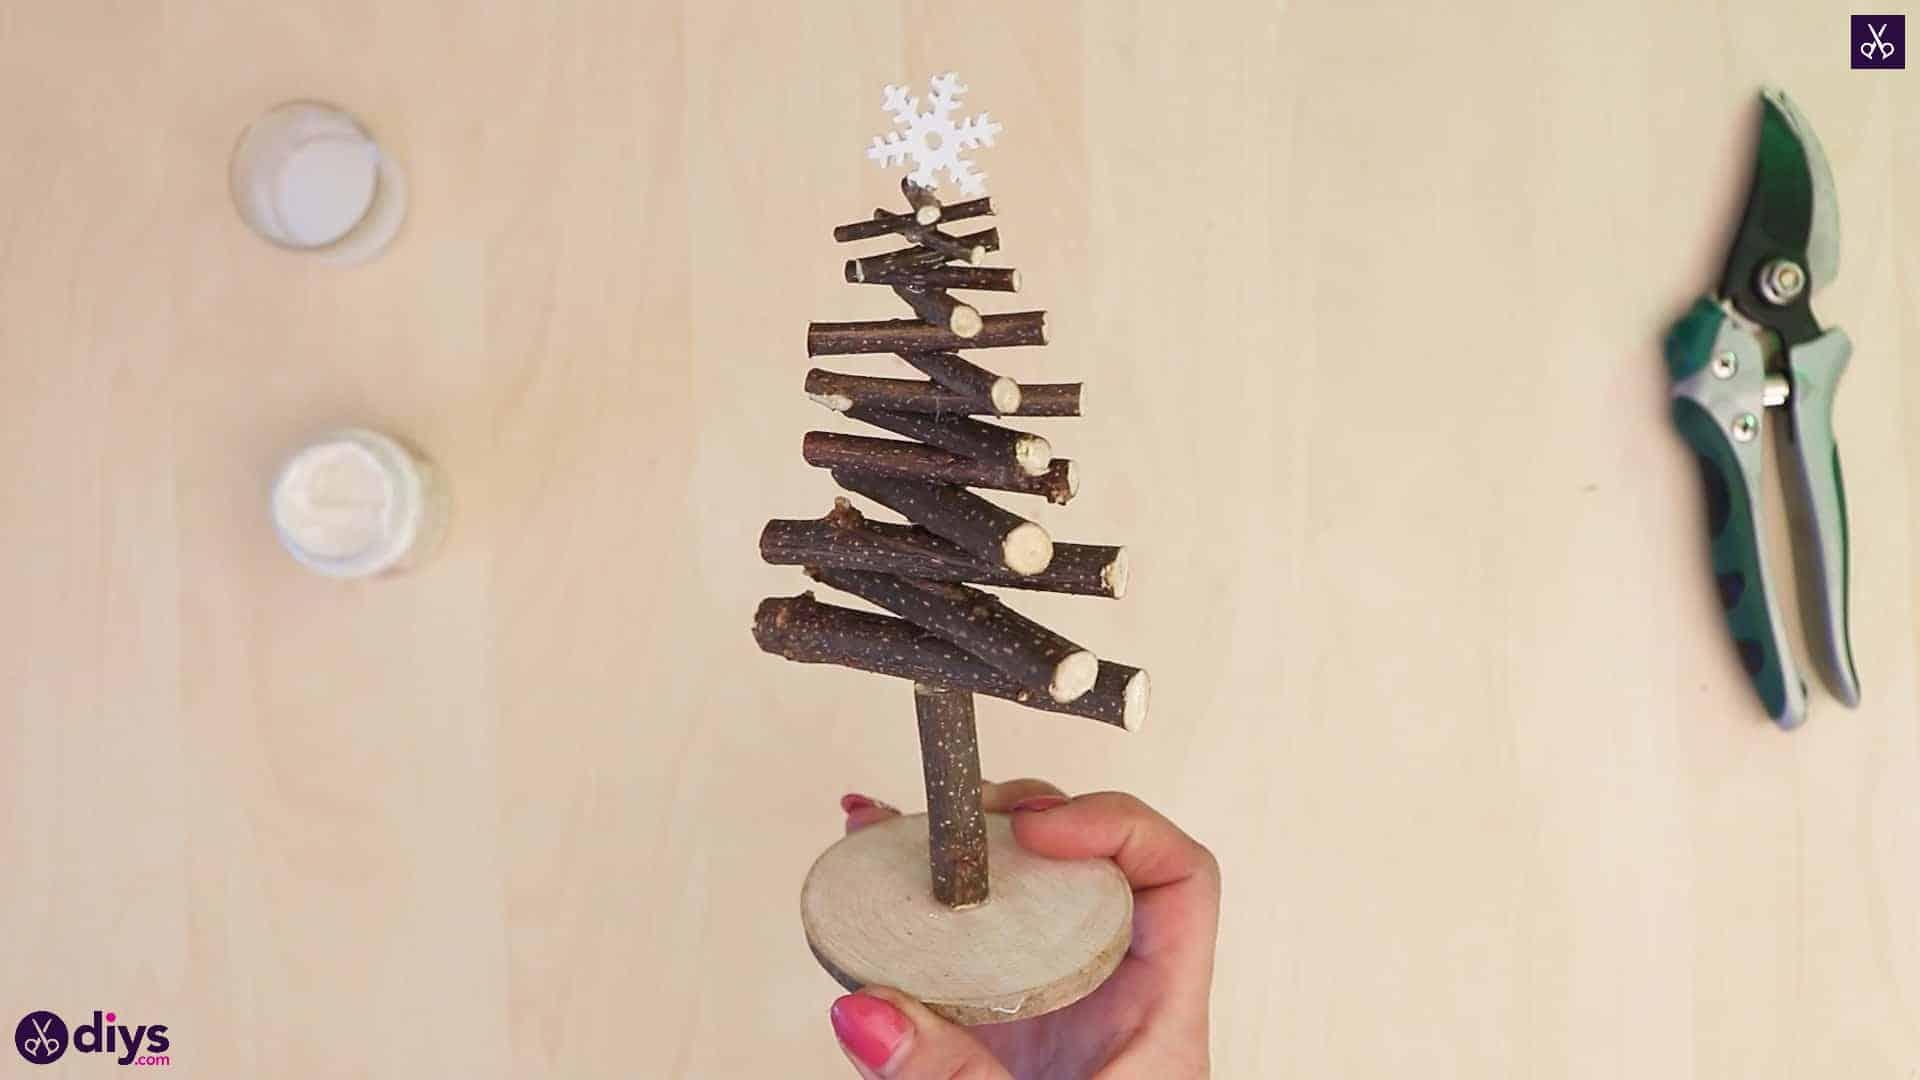 Diy twig christmas tree for kids